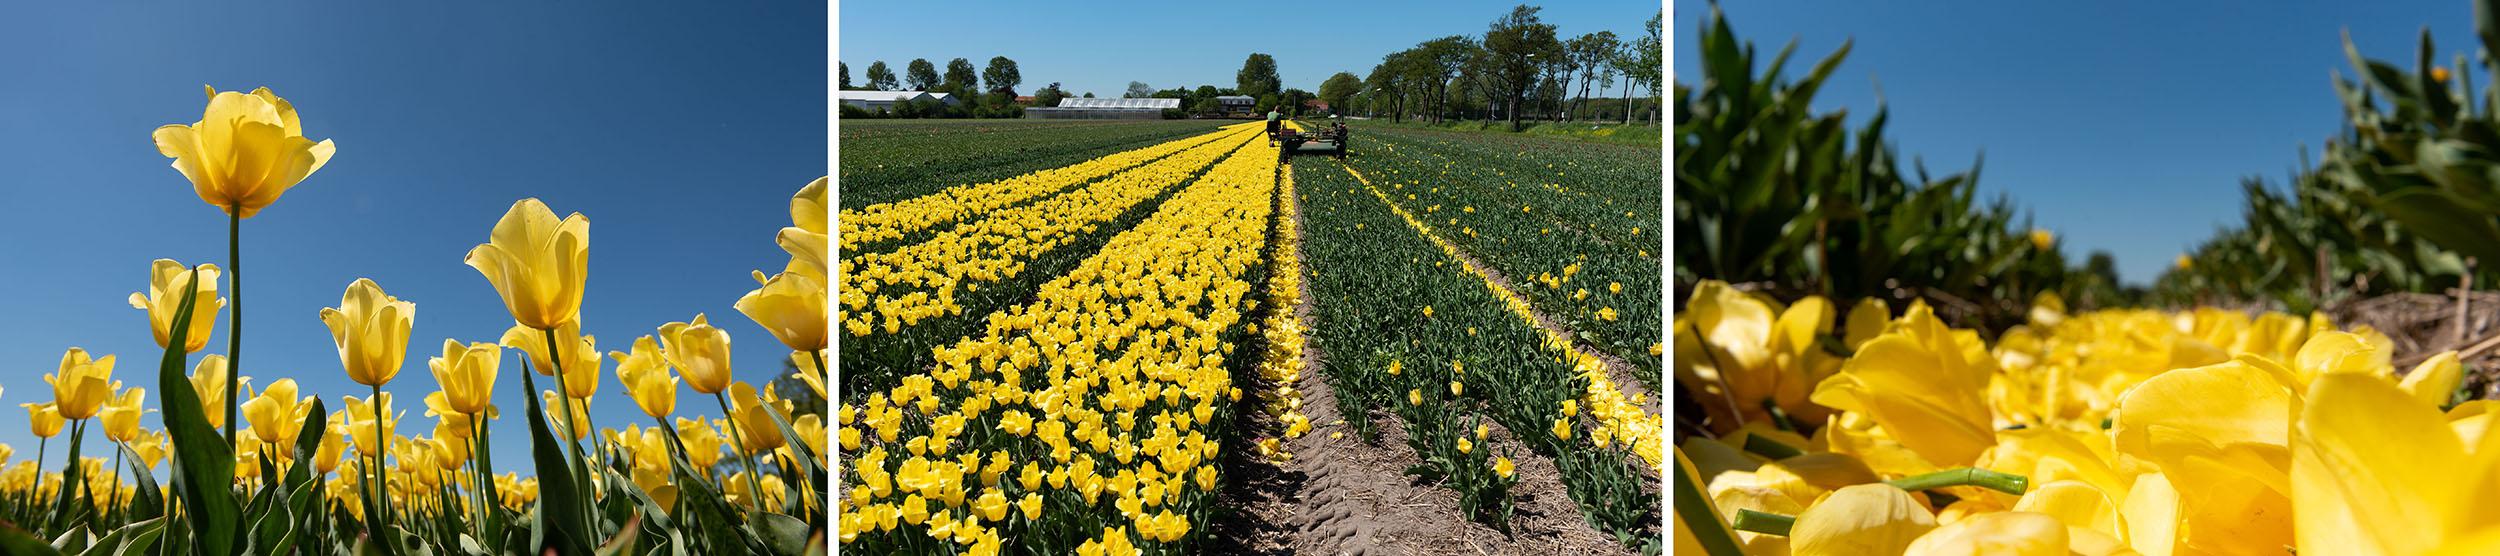 Gele tulpen die gekopt worden